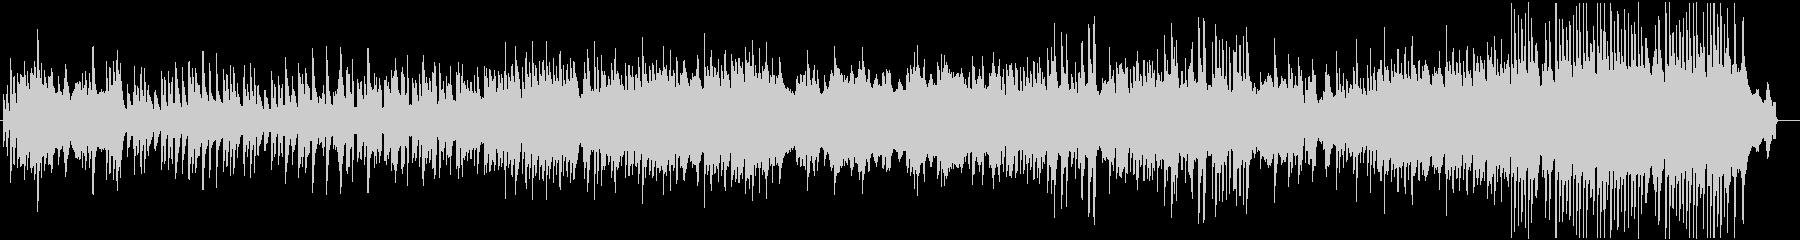 ピアノと弦楽器の静かなインスト曲の未再生の波形